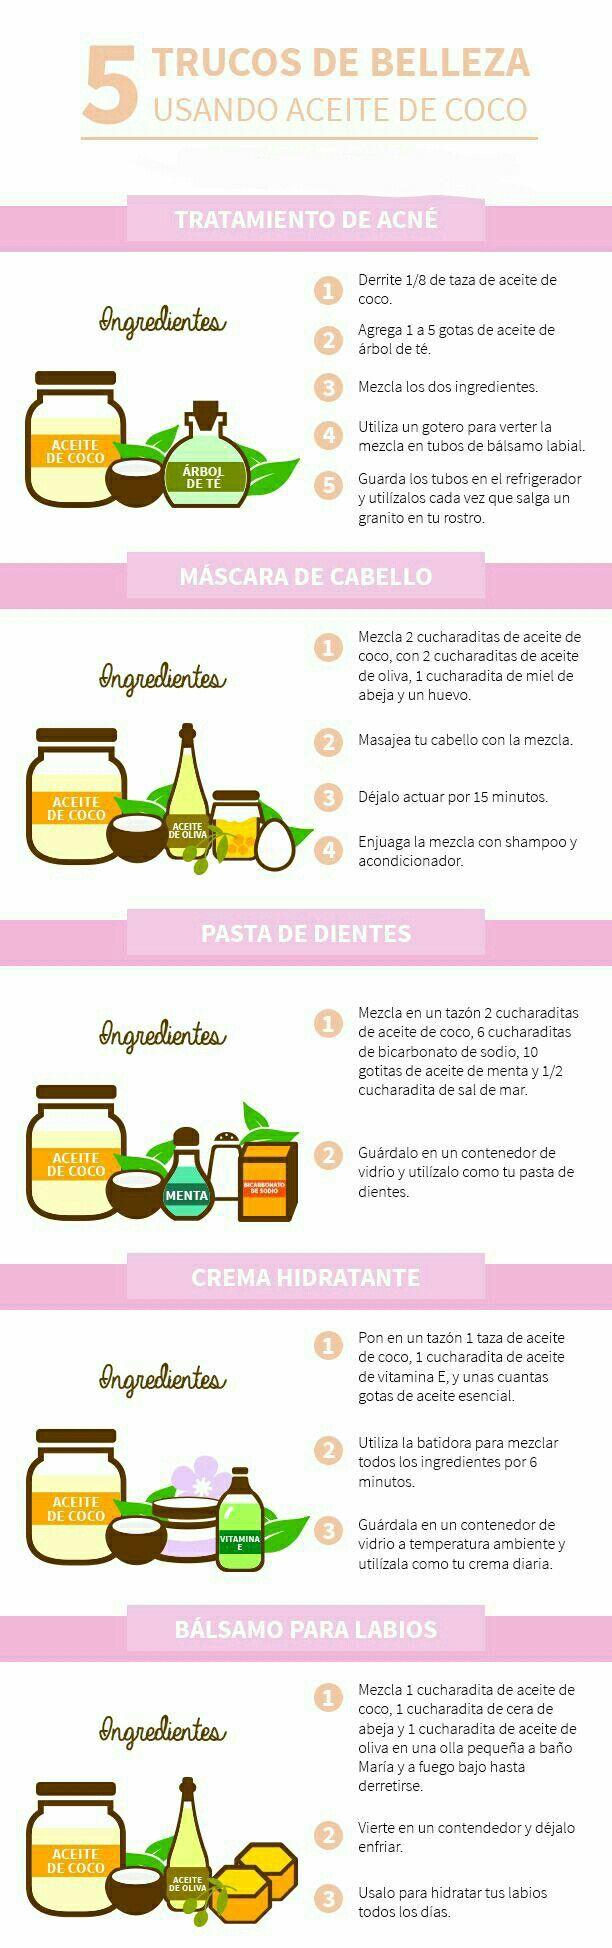 Descubre todo los #beneficios del Aceite de coco. Después de leer esto, no podrás dejarlo fuera de tu rutina de #belleza. #AceiteDeCoco #Propiedades #CuidadoDePiel #RutinaDeBelleza